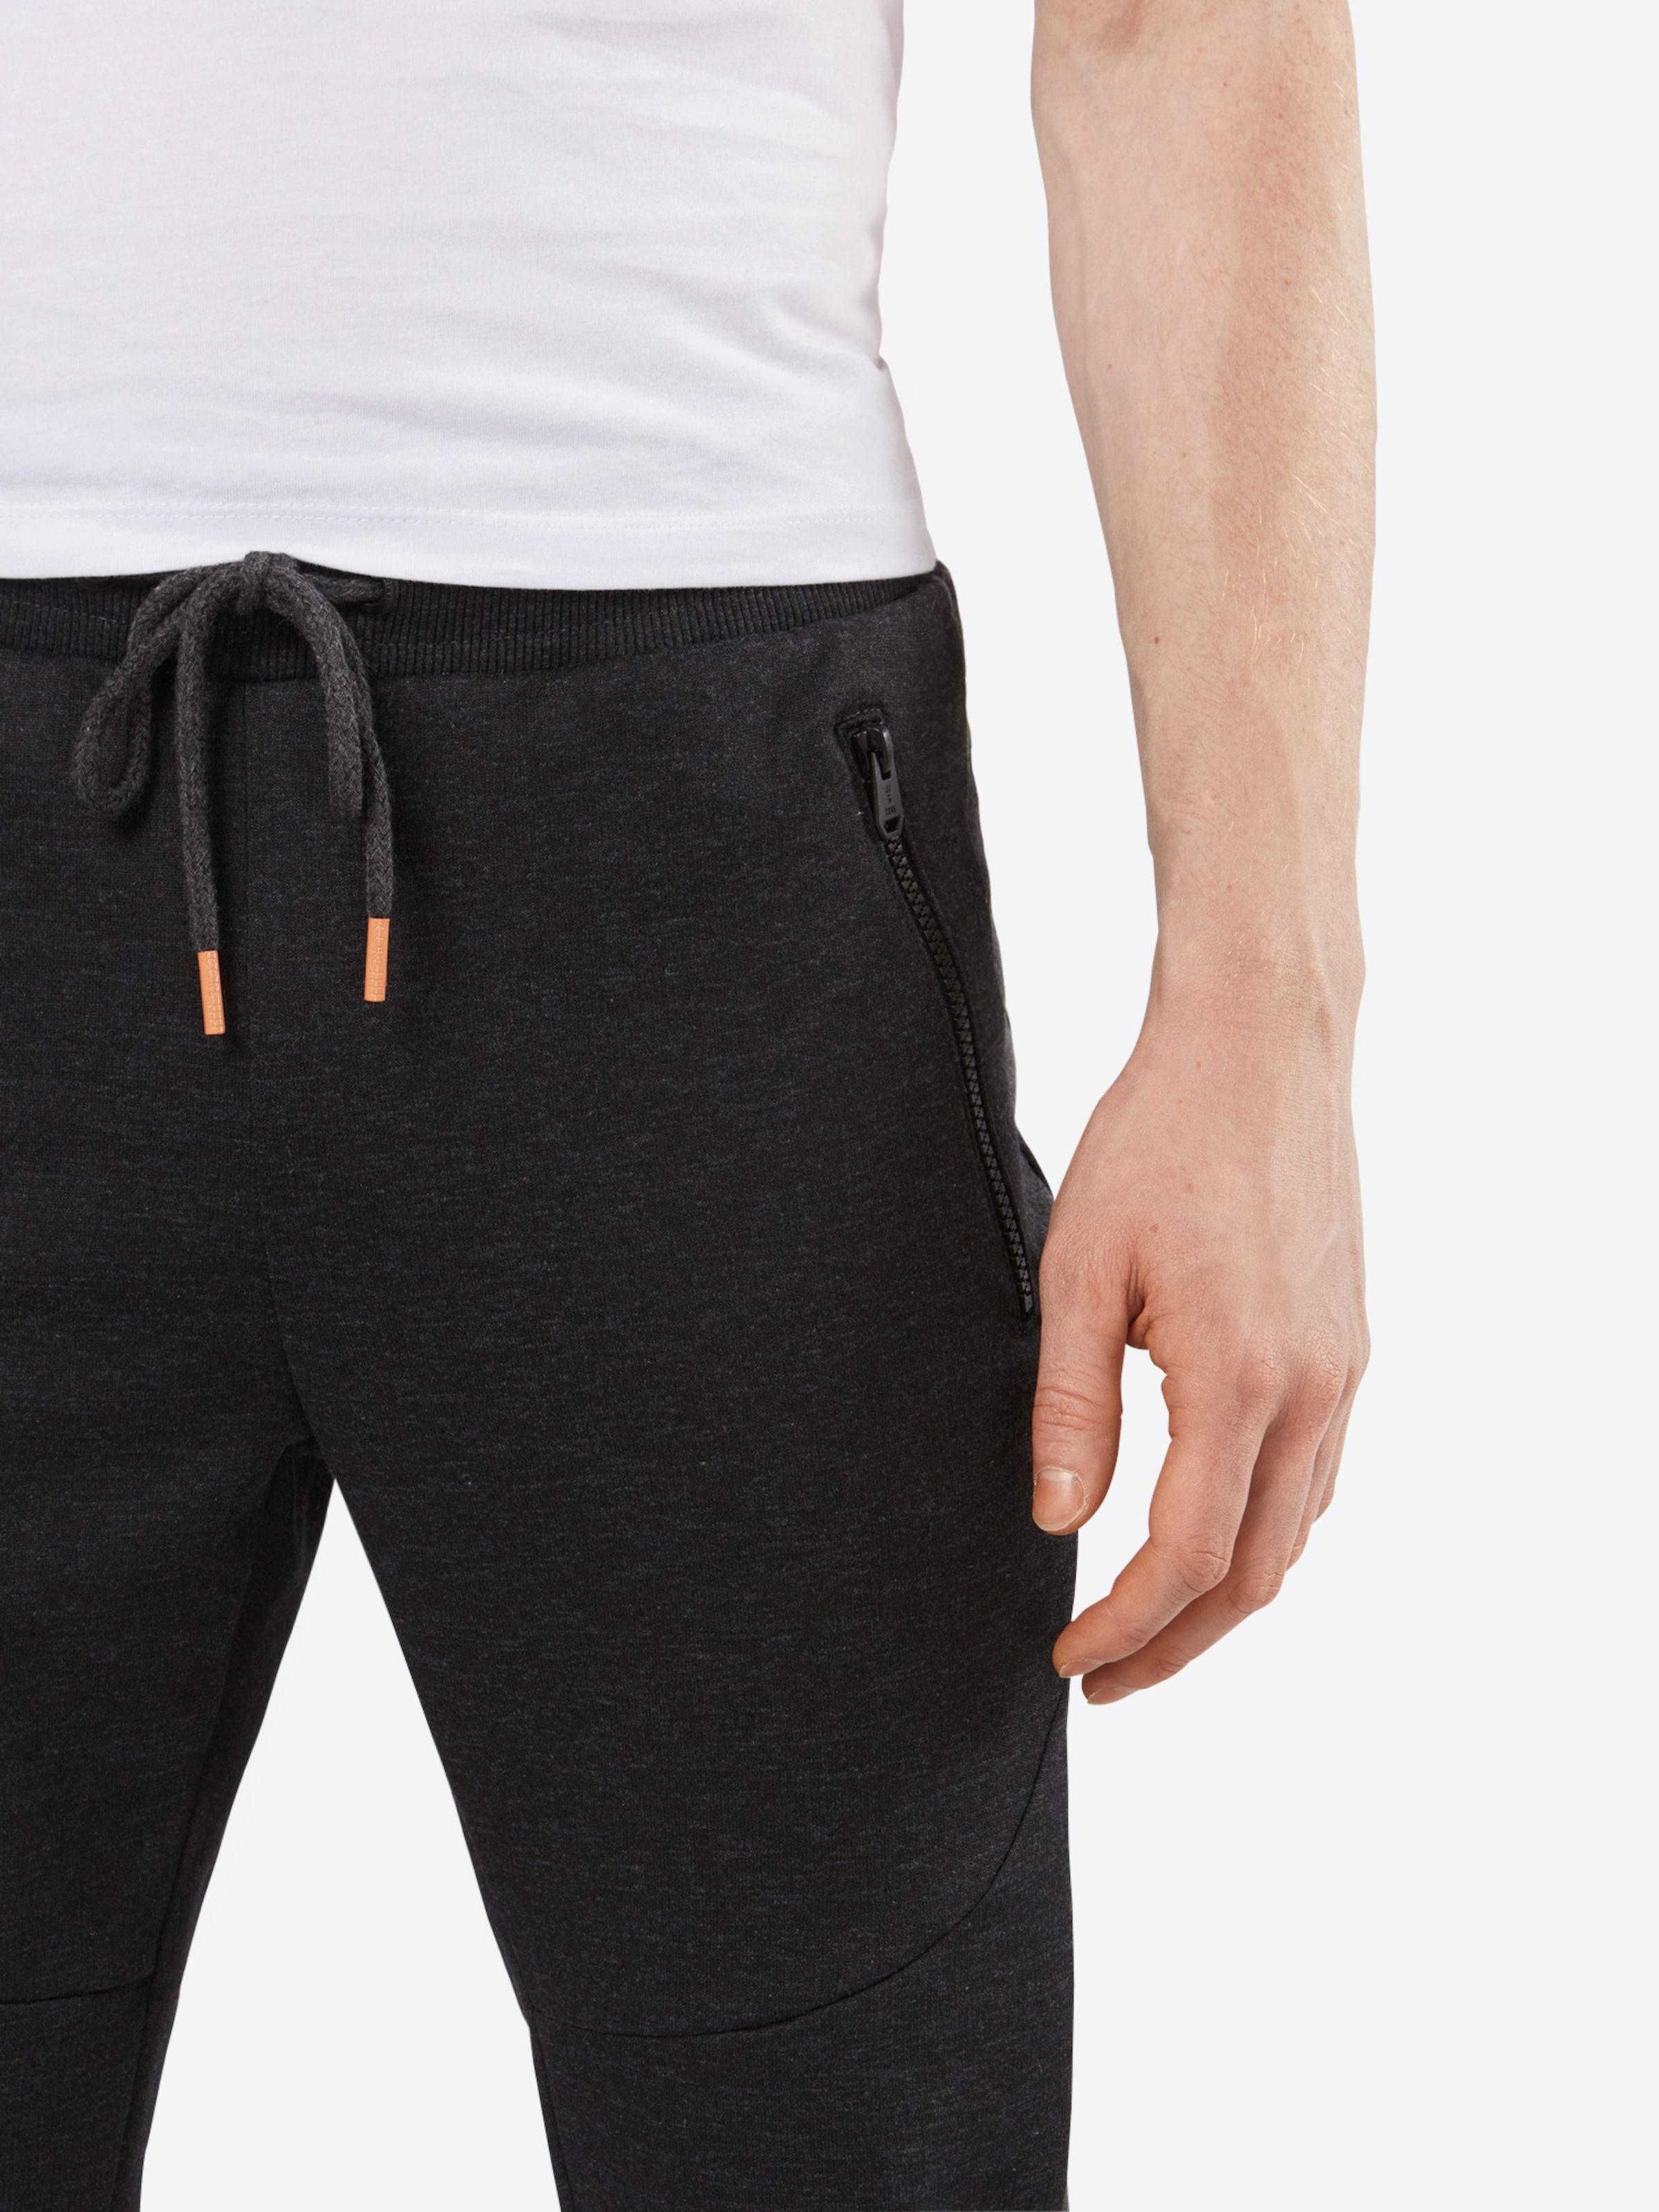 Verkauf Besuch Neu Verkauf Geniue Händler JACK & JONES Jogginghose 'JCONIELS SWEAT PANTS' Perfekt Breite Palette Von Online-Verkauf LHRvfiigY